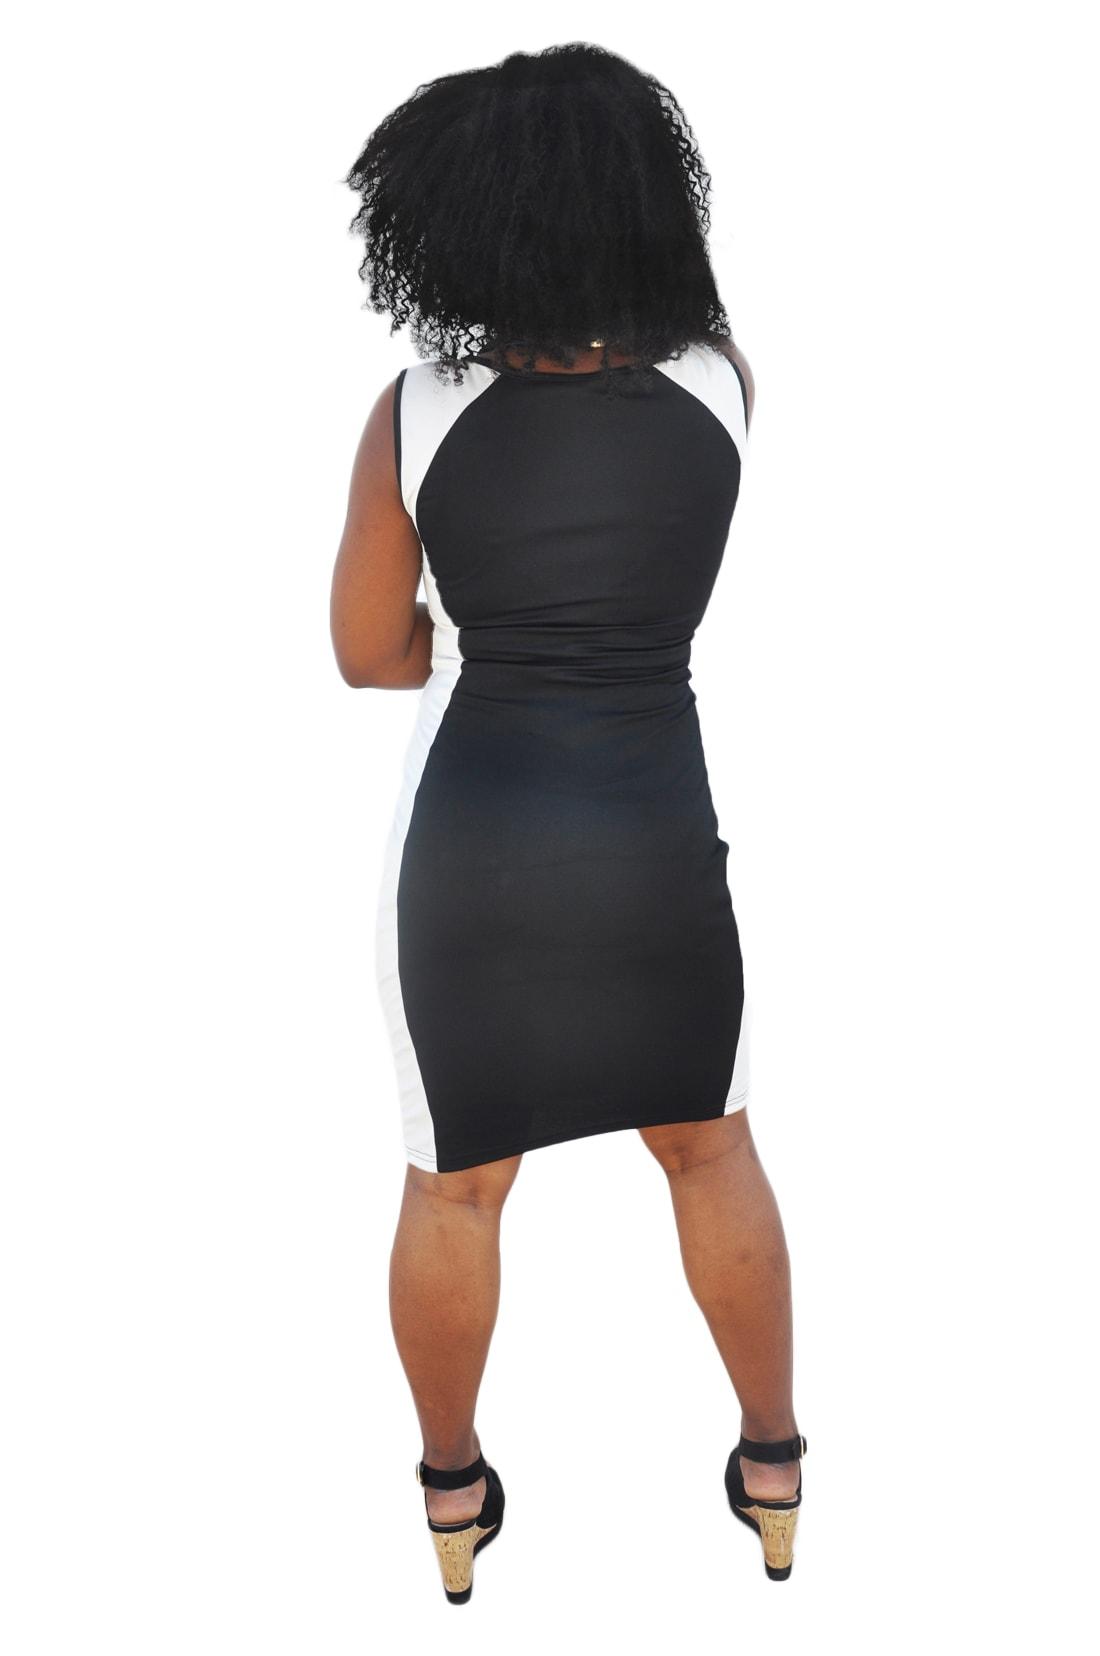 M0214 blackwhite3 Bodycon Dresses maureens.com boutique